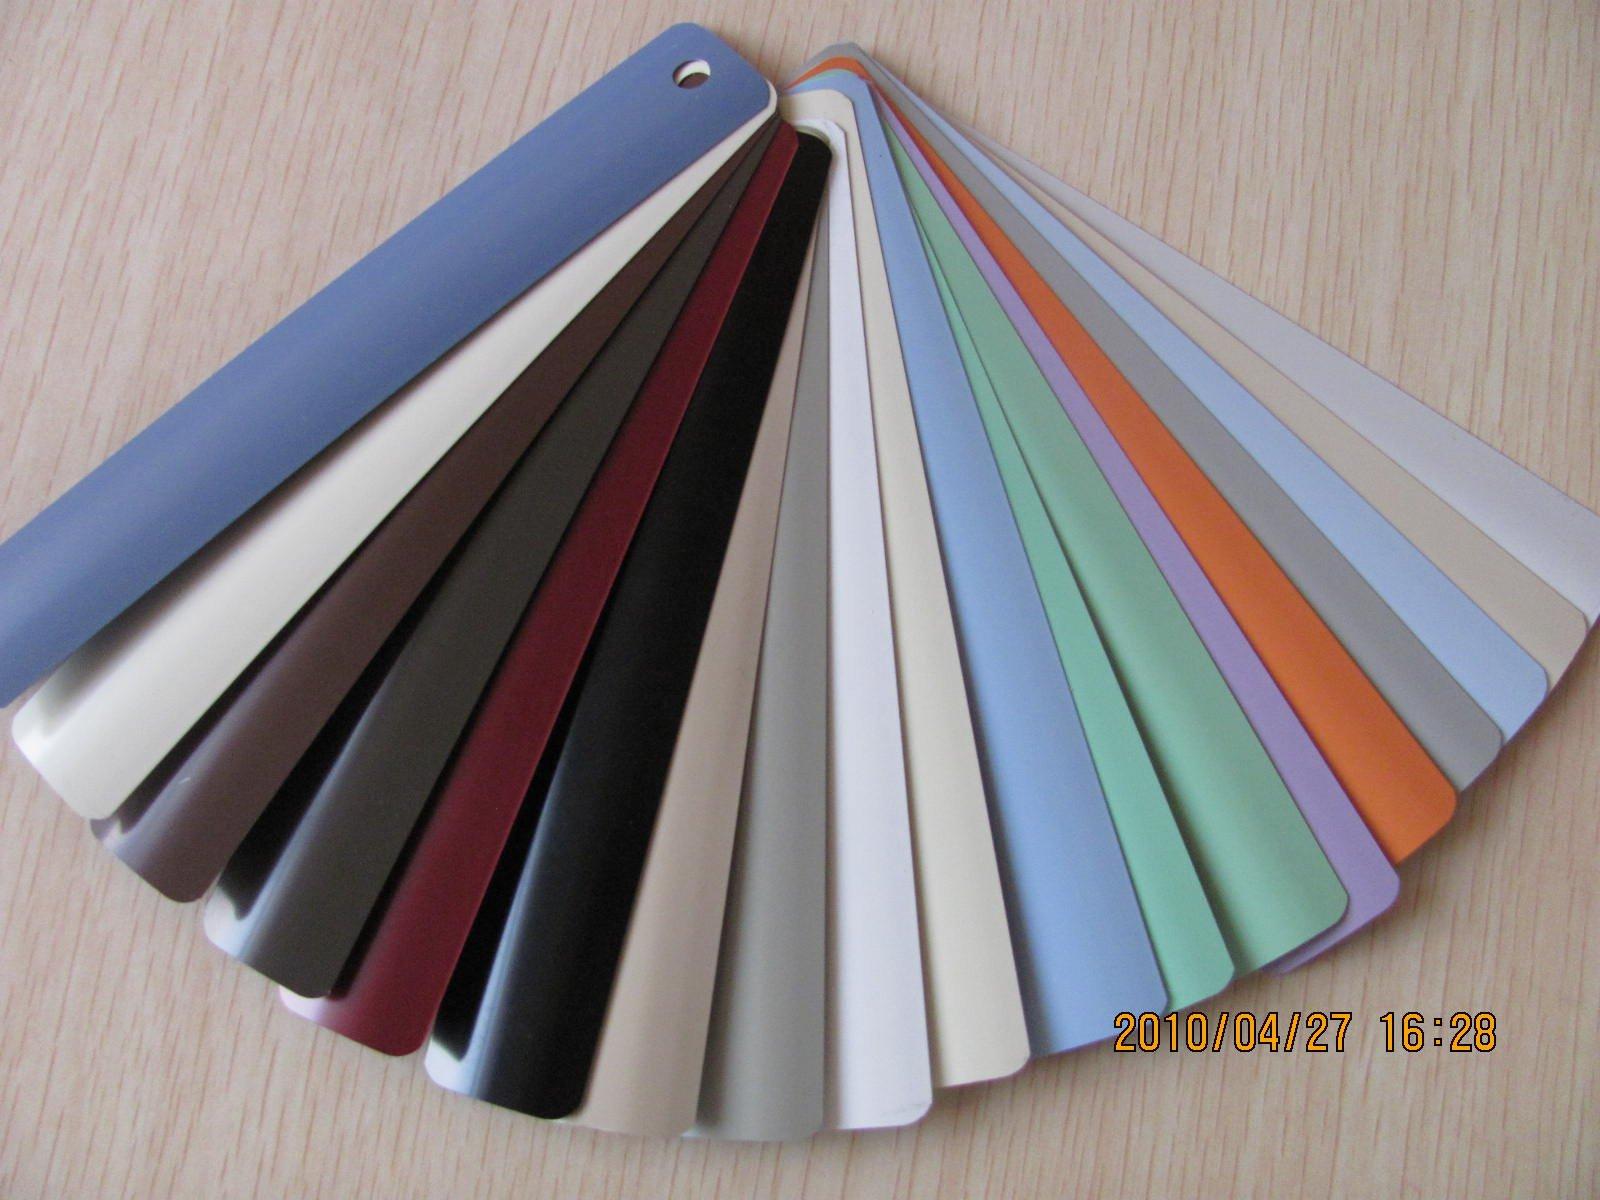 Aluminum slats for 25mm venetian shutters buy aluminium - Venetian Blind Slats Aluminum